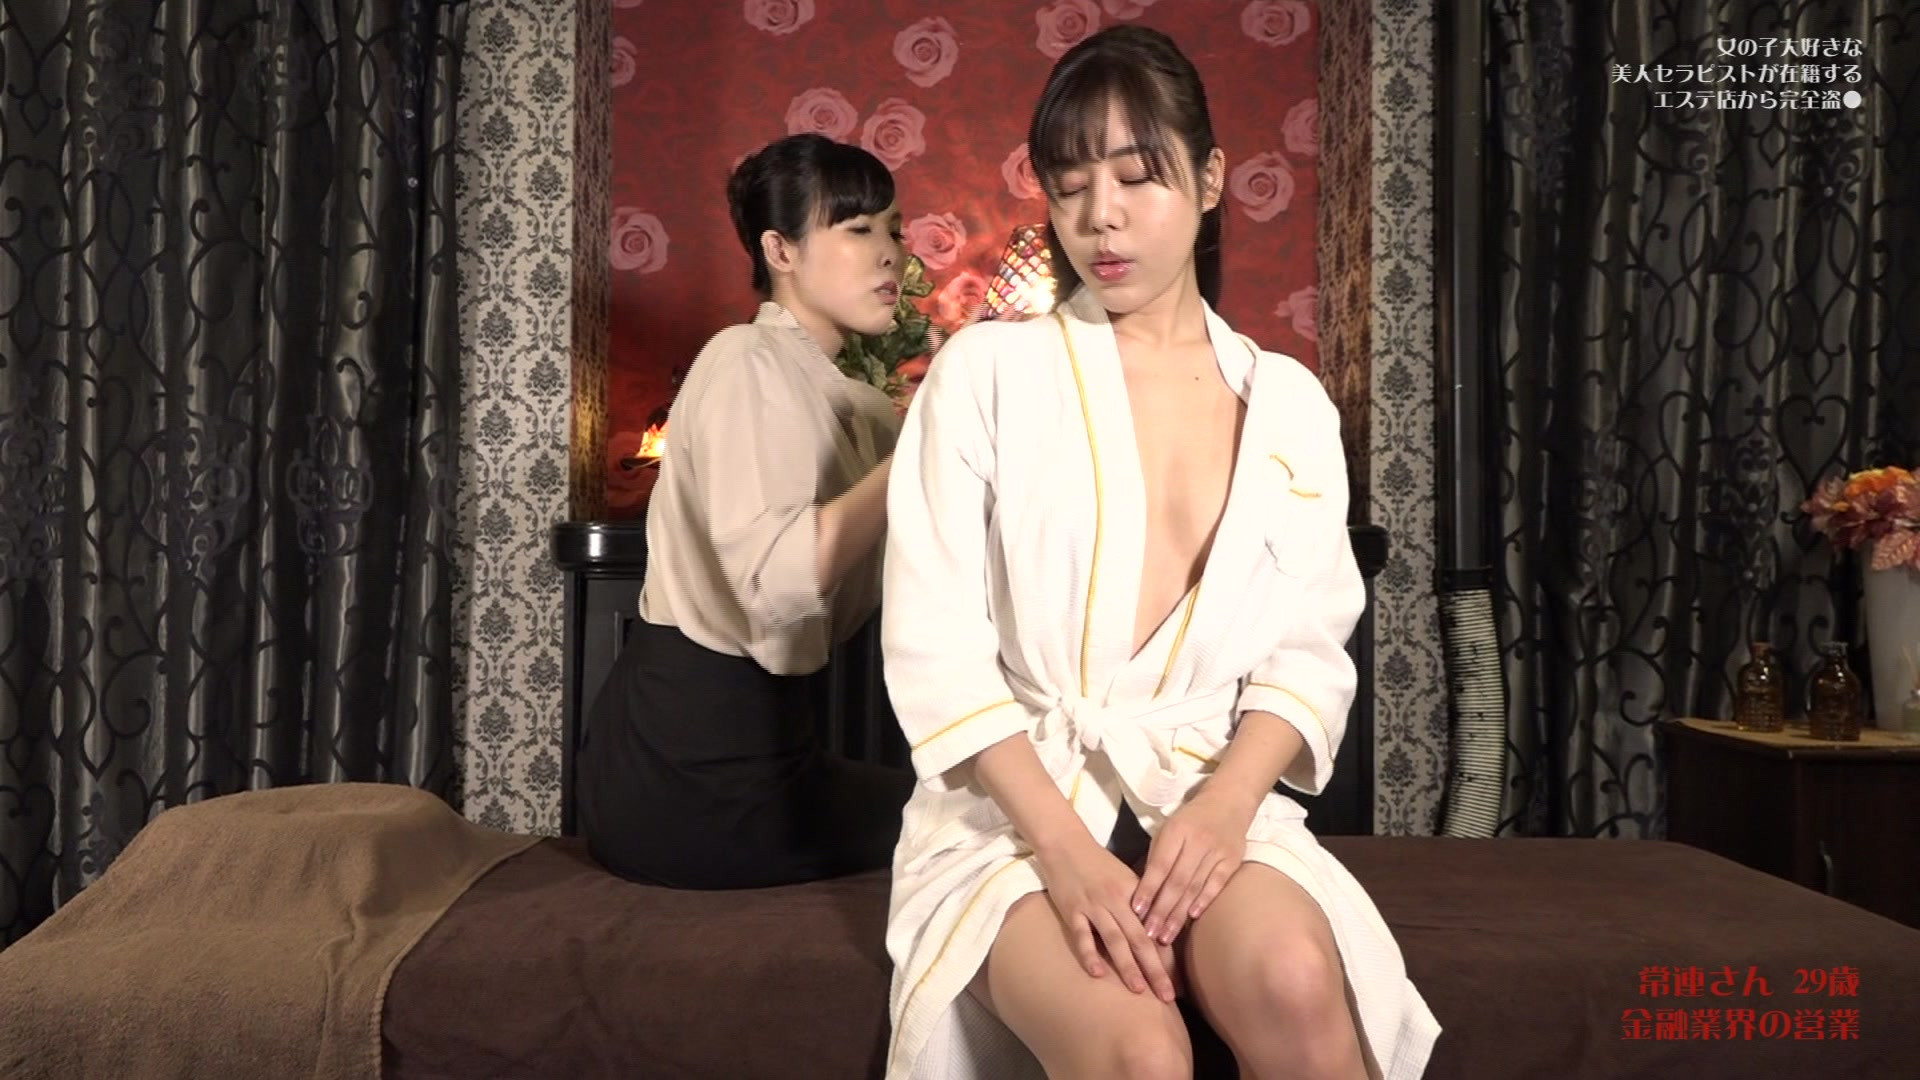 女の子大好きな美人セラピストが在籍するエステ店を完全盗●(3)~好みの女性客にはマ●コを重点的にマッサージ 画像9